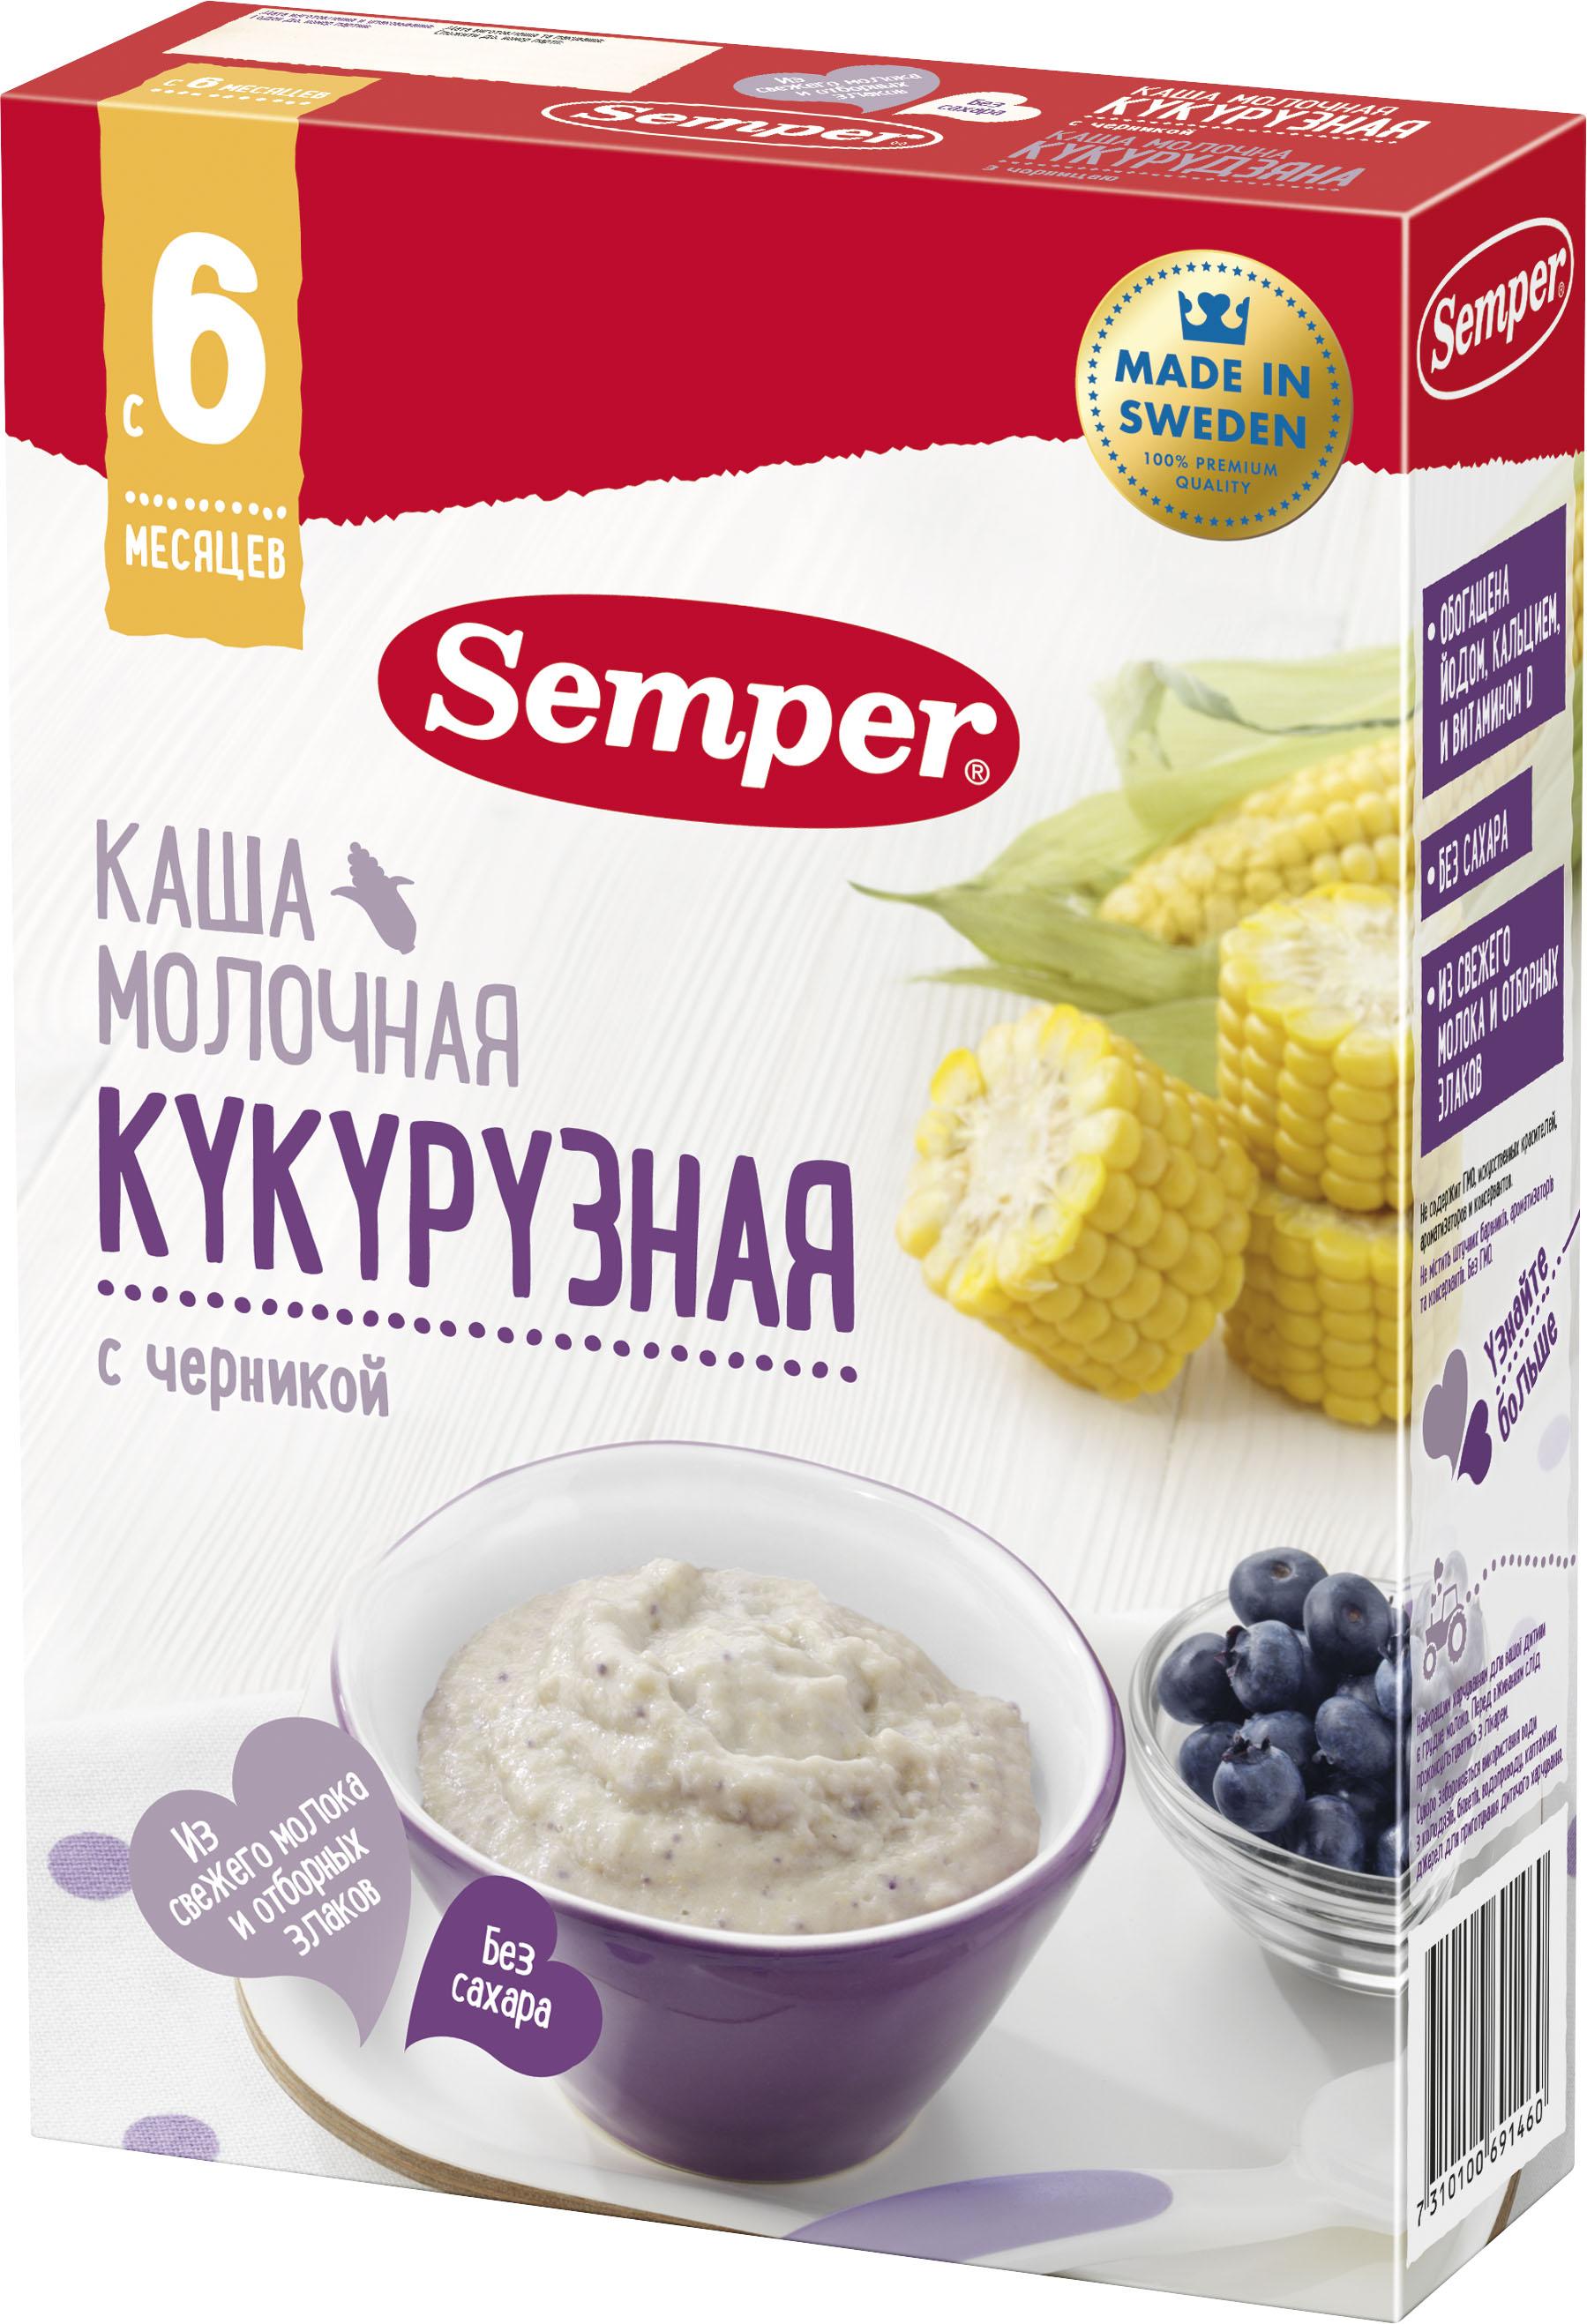 Каша Semper Semper Молочная кукурузная с черникой (с 6 месяцев) 200 г каша semper semper молочная мультизлаковая с бананом малиной и йогуртом с 10 месяцев 200 г